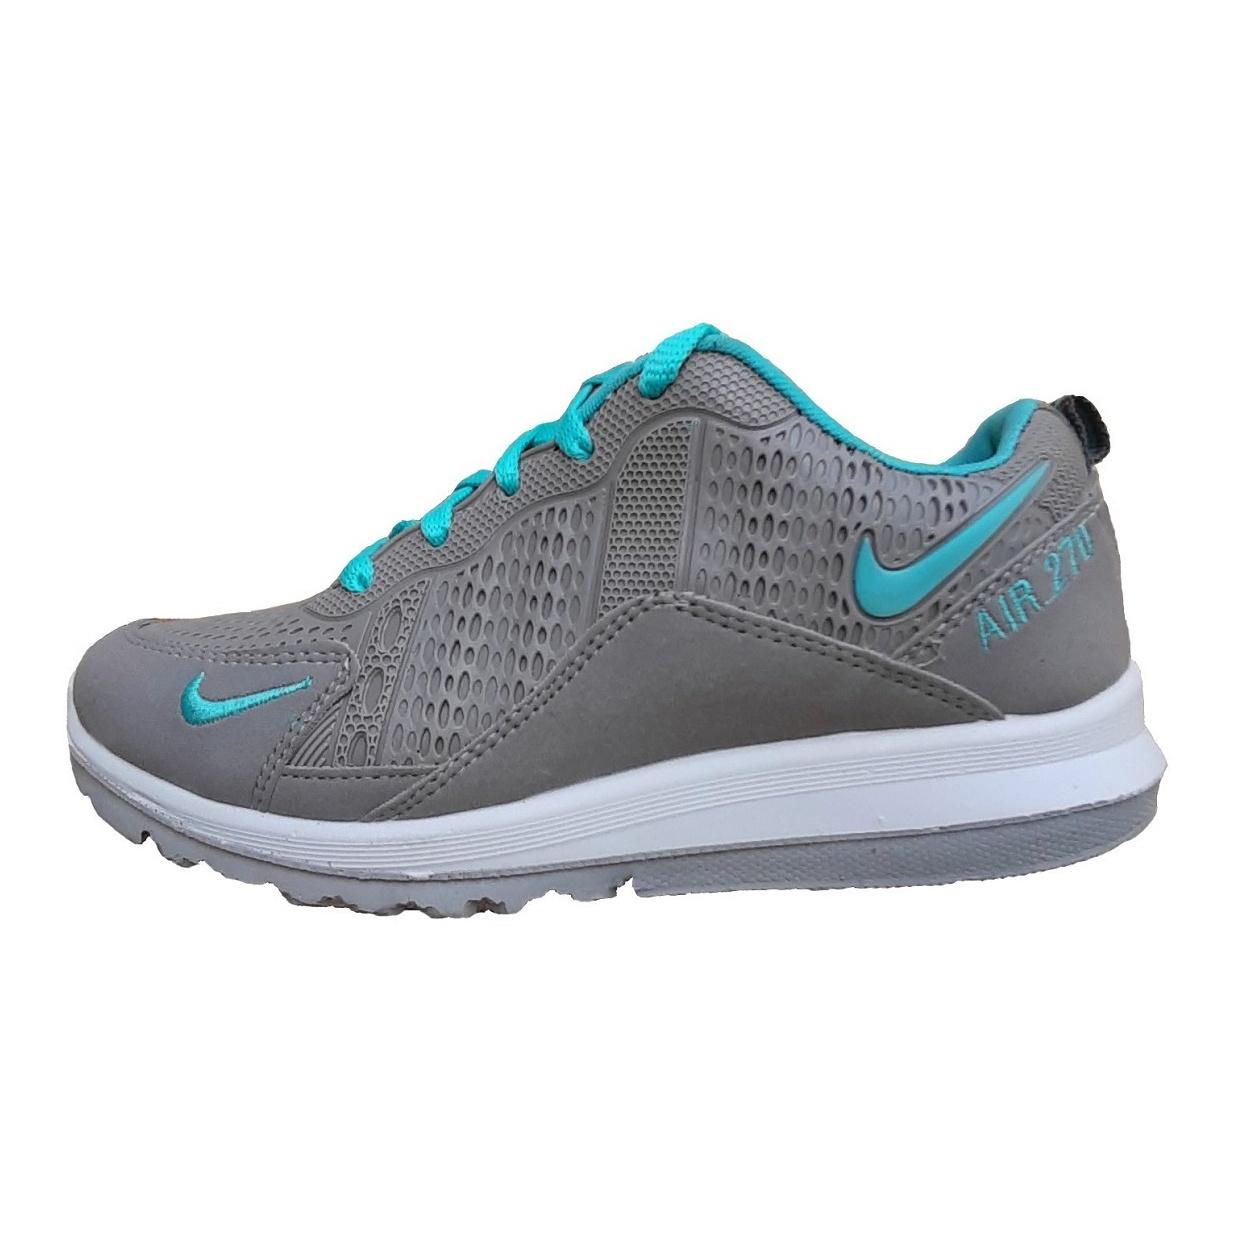 کفش مخصوص پیاده روی زنانه ایده آل کد 204015 رنگ طوسی